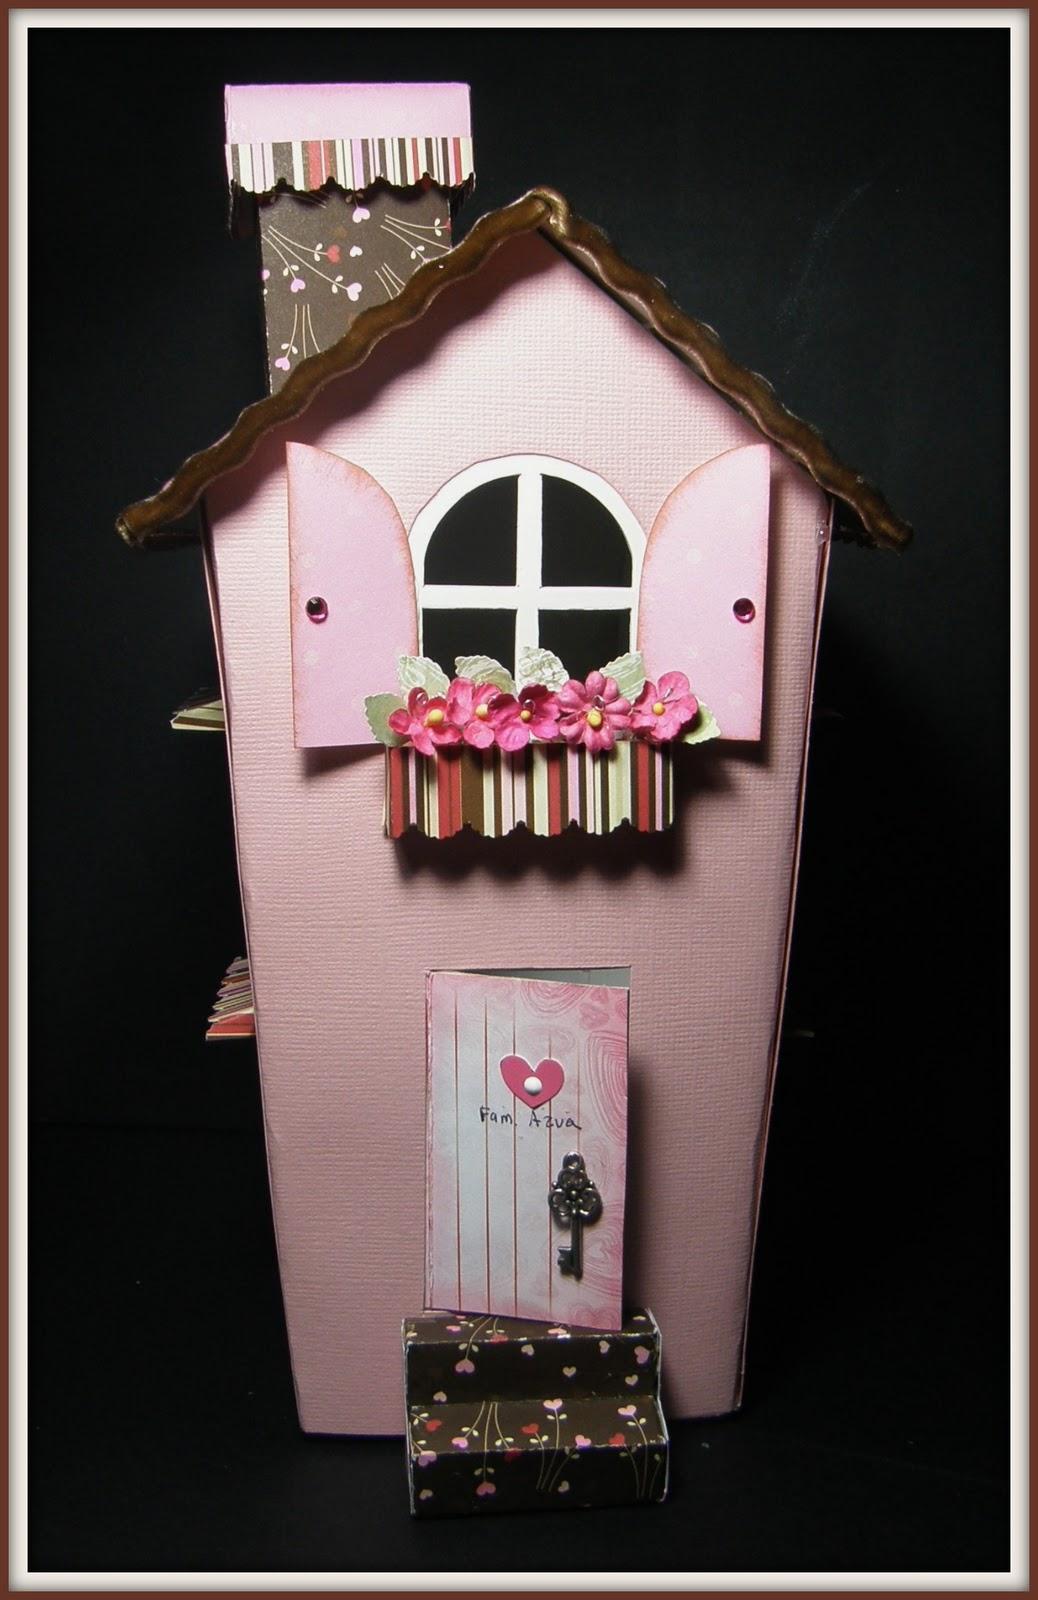 Mi amor en casita de perrito - 3 1